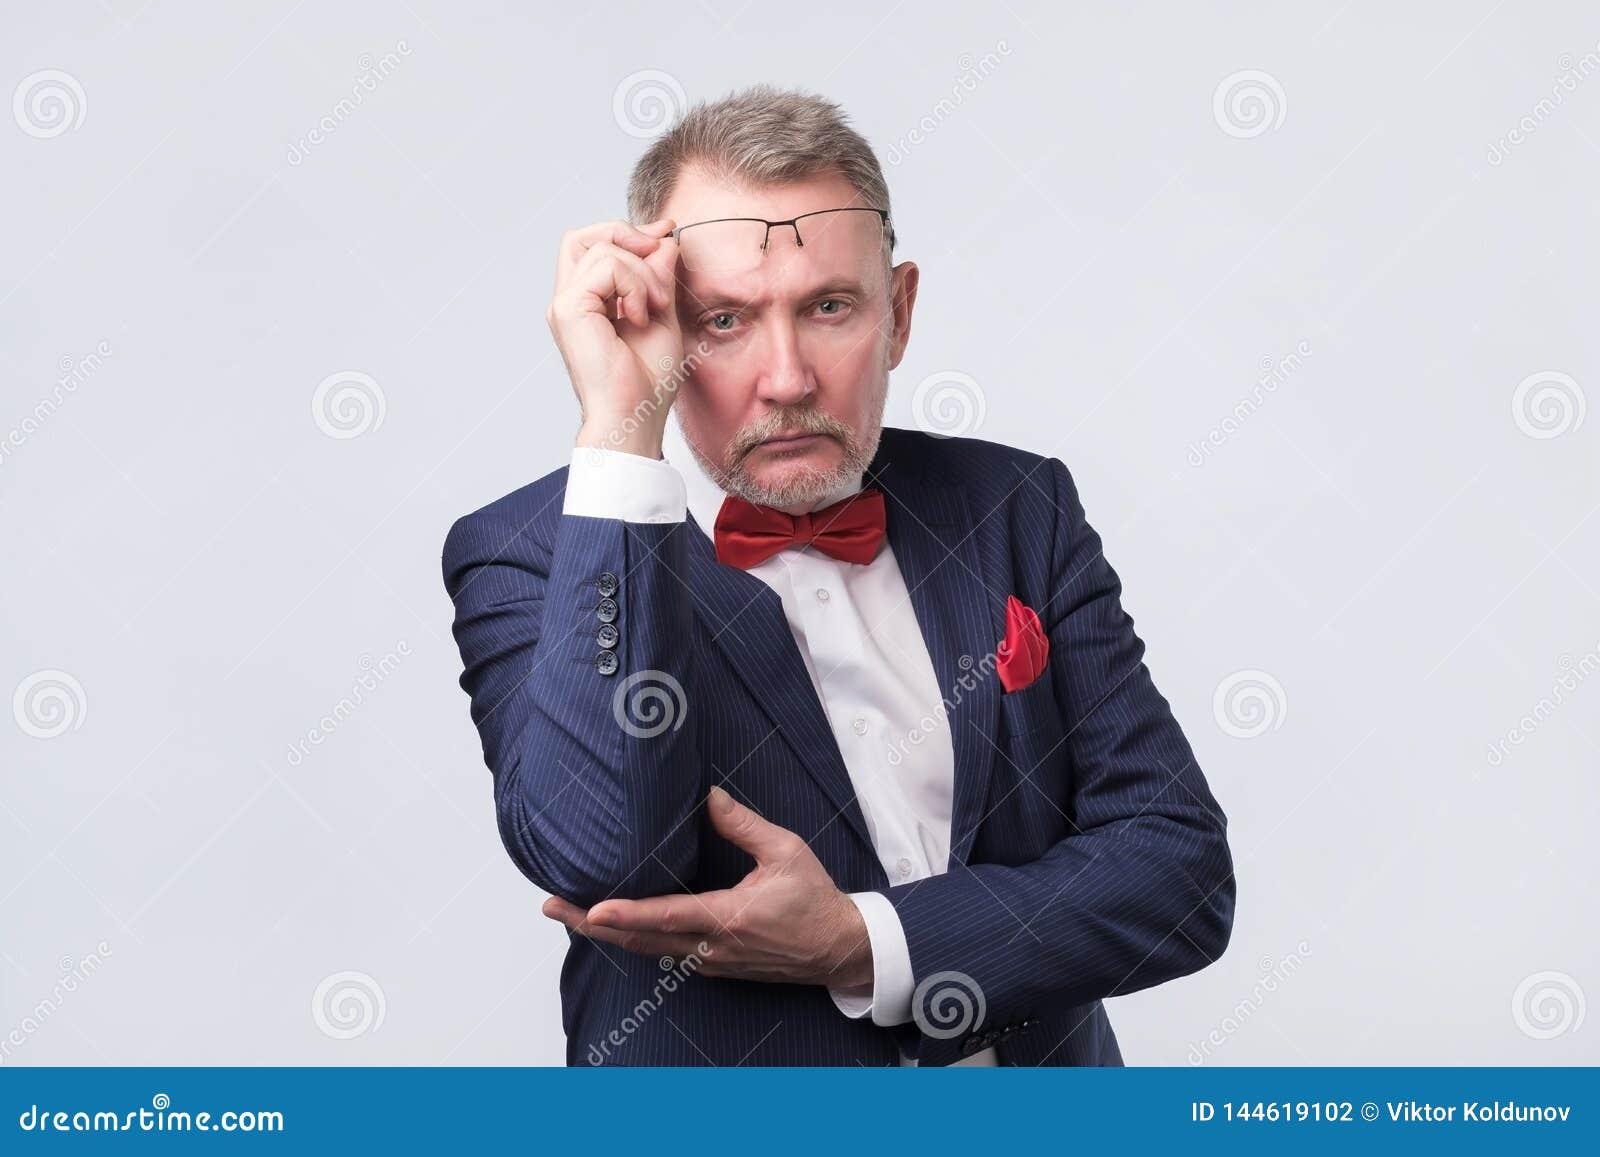 Senior man in blue suit looking confident